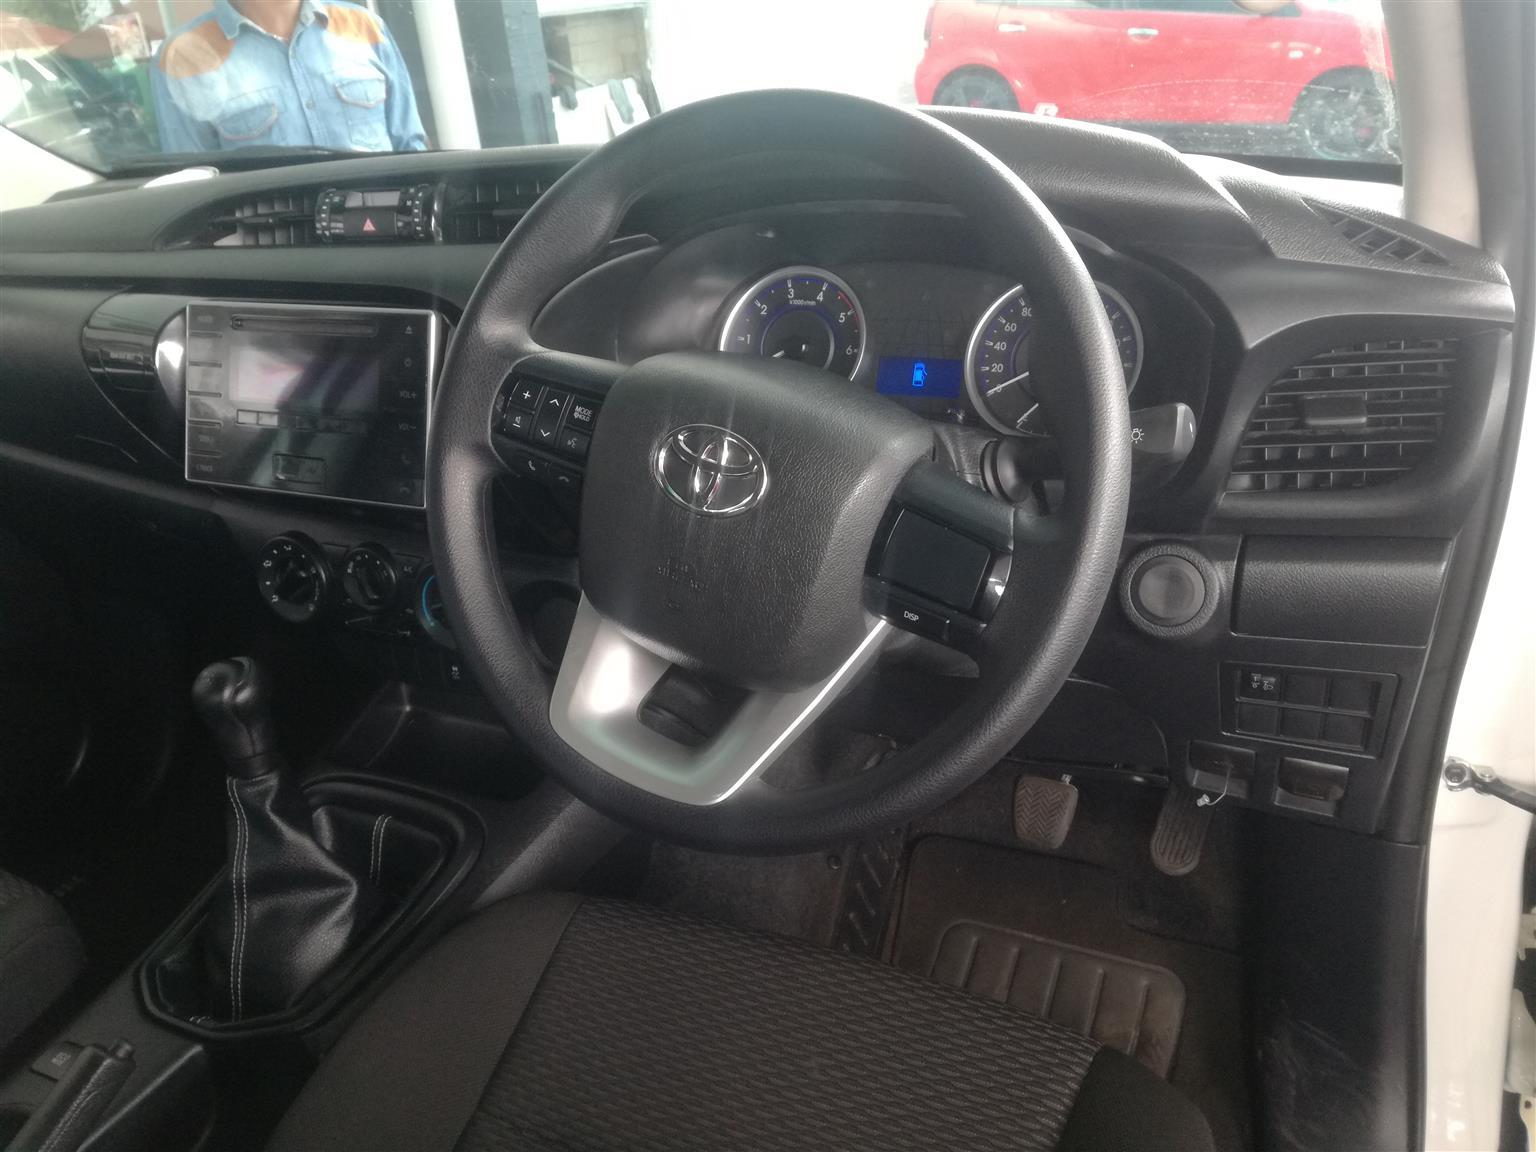 2017 Toyota Hilux double cab HILUX 2.4 GD 6 RB SRX P/U D/C